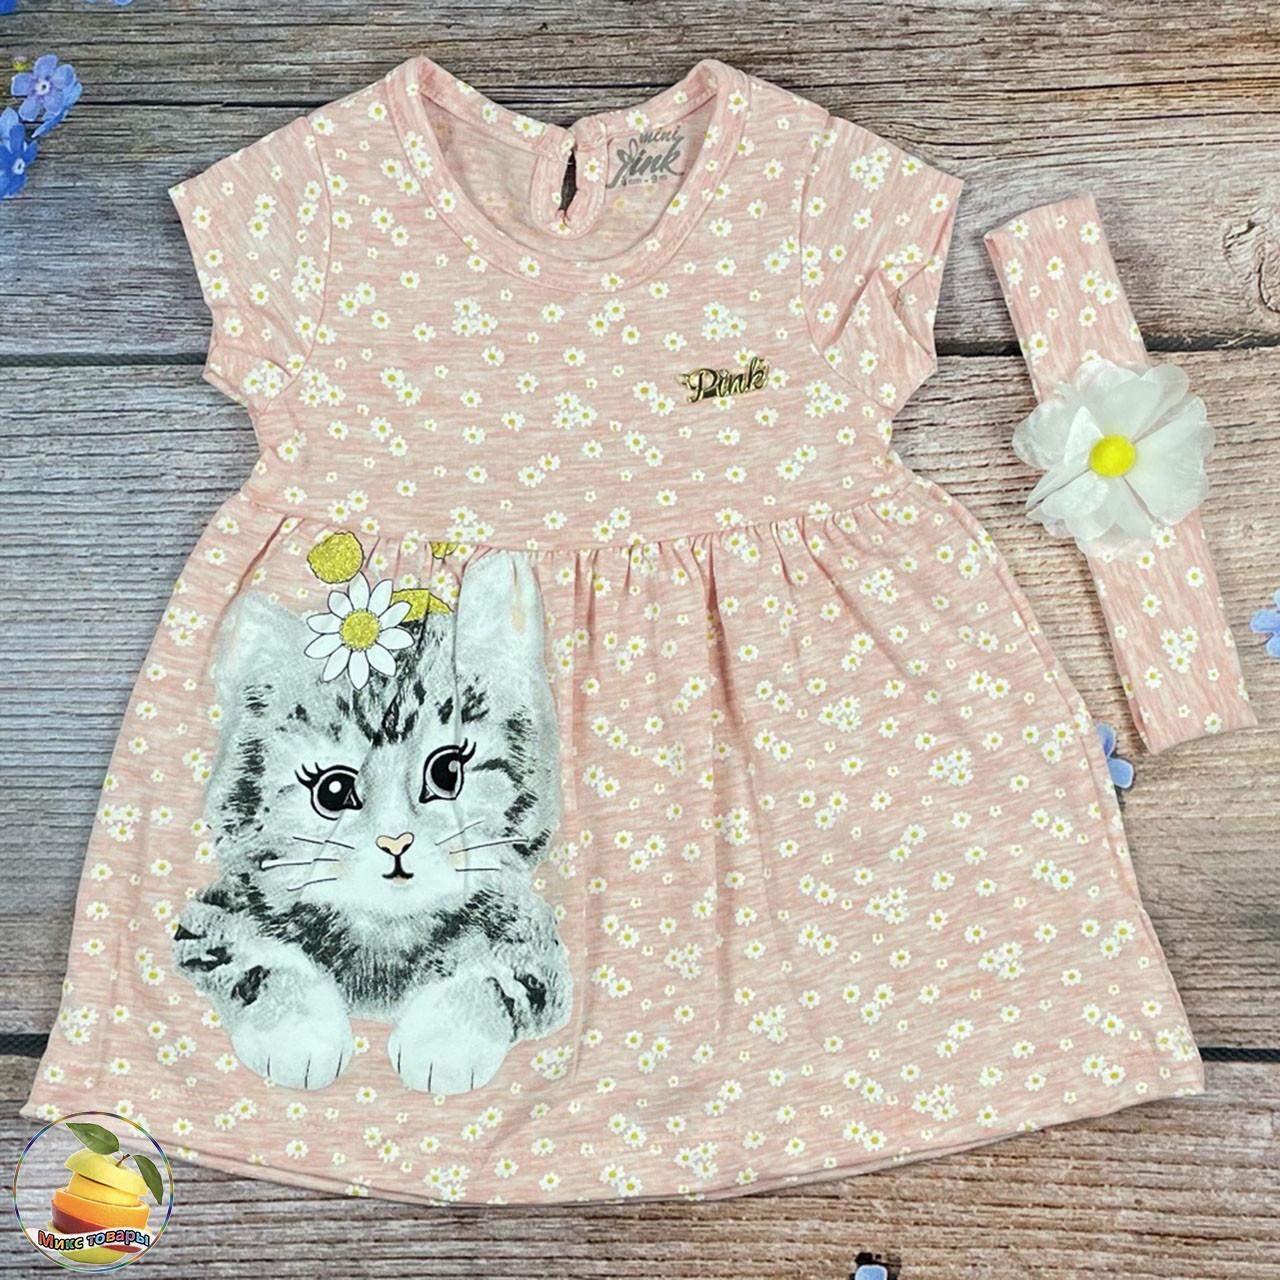 """Дитяче плаття з коротким рукавом+ пов'язка """"Pink"""" Розміри: 74,80,86,92 см (01702-2)"""